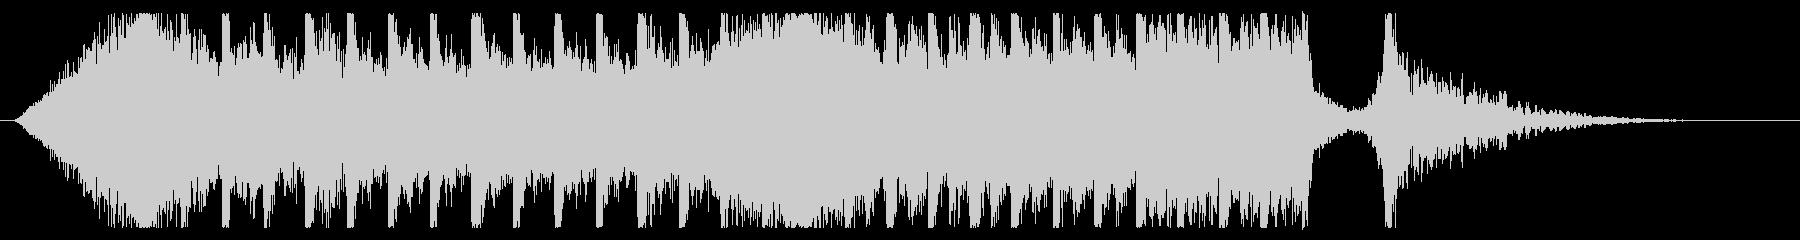 切ないきらきらピアノジングル③ 映画風の未再生の波形